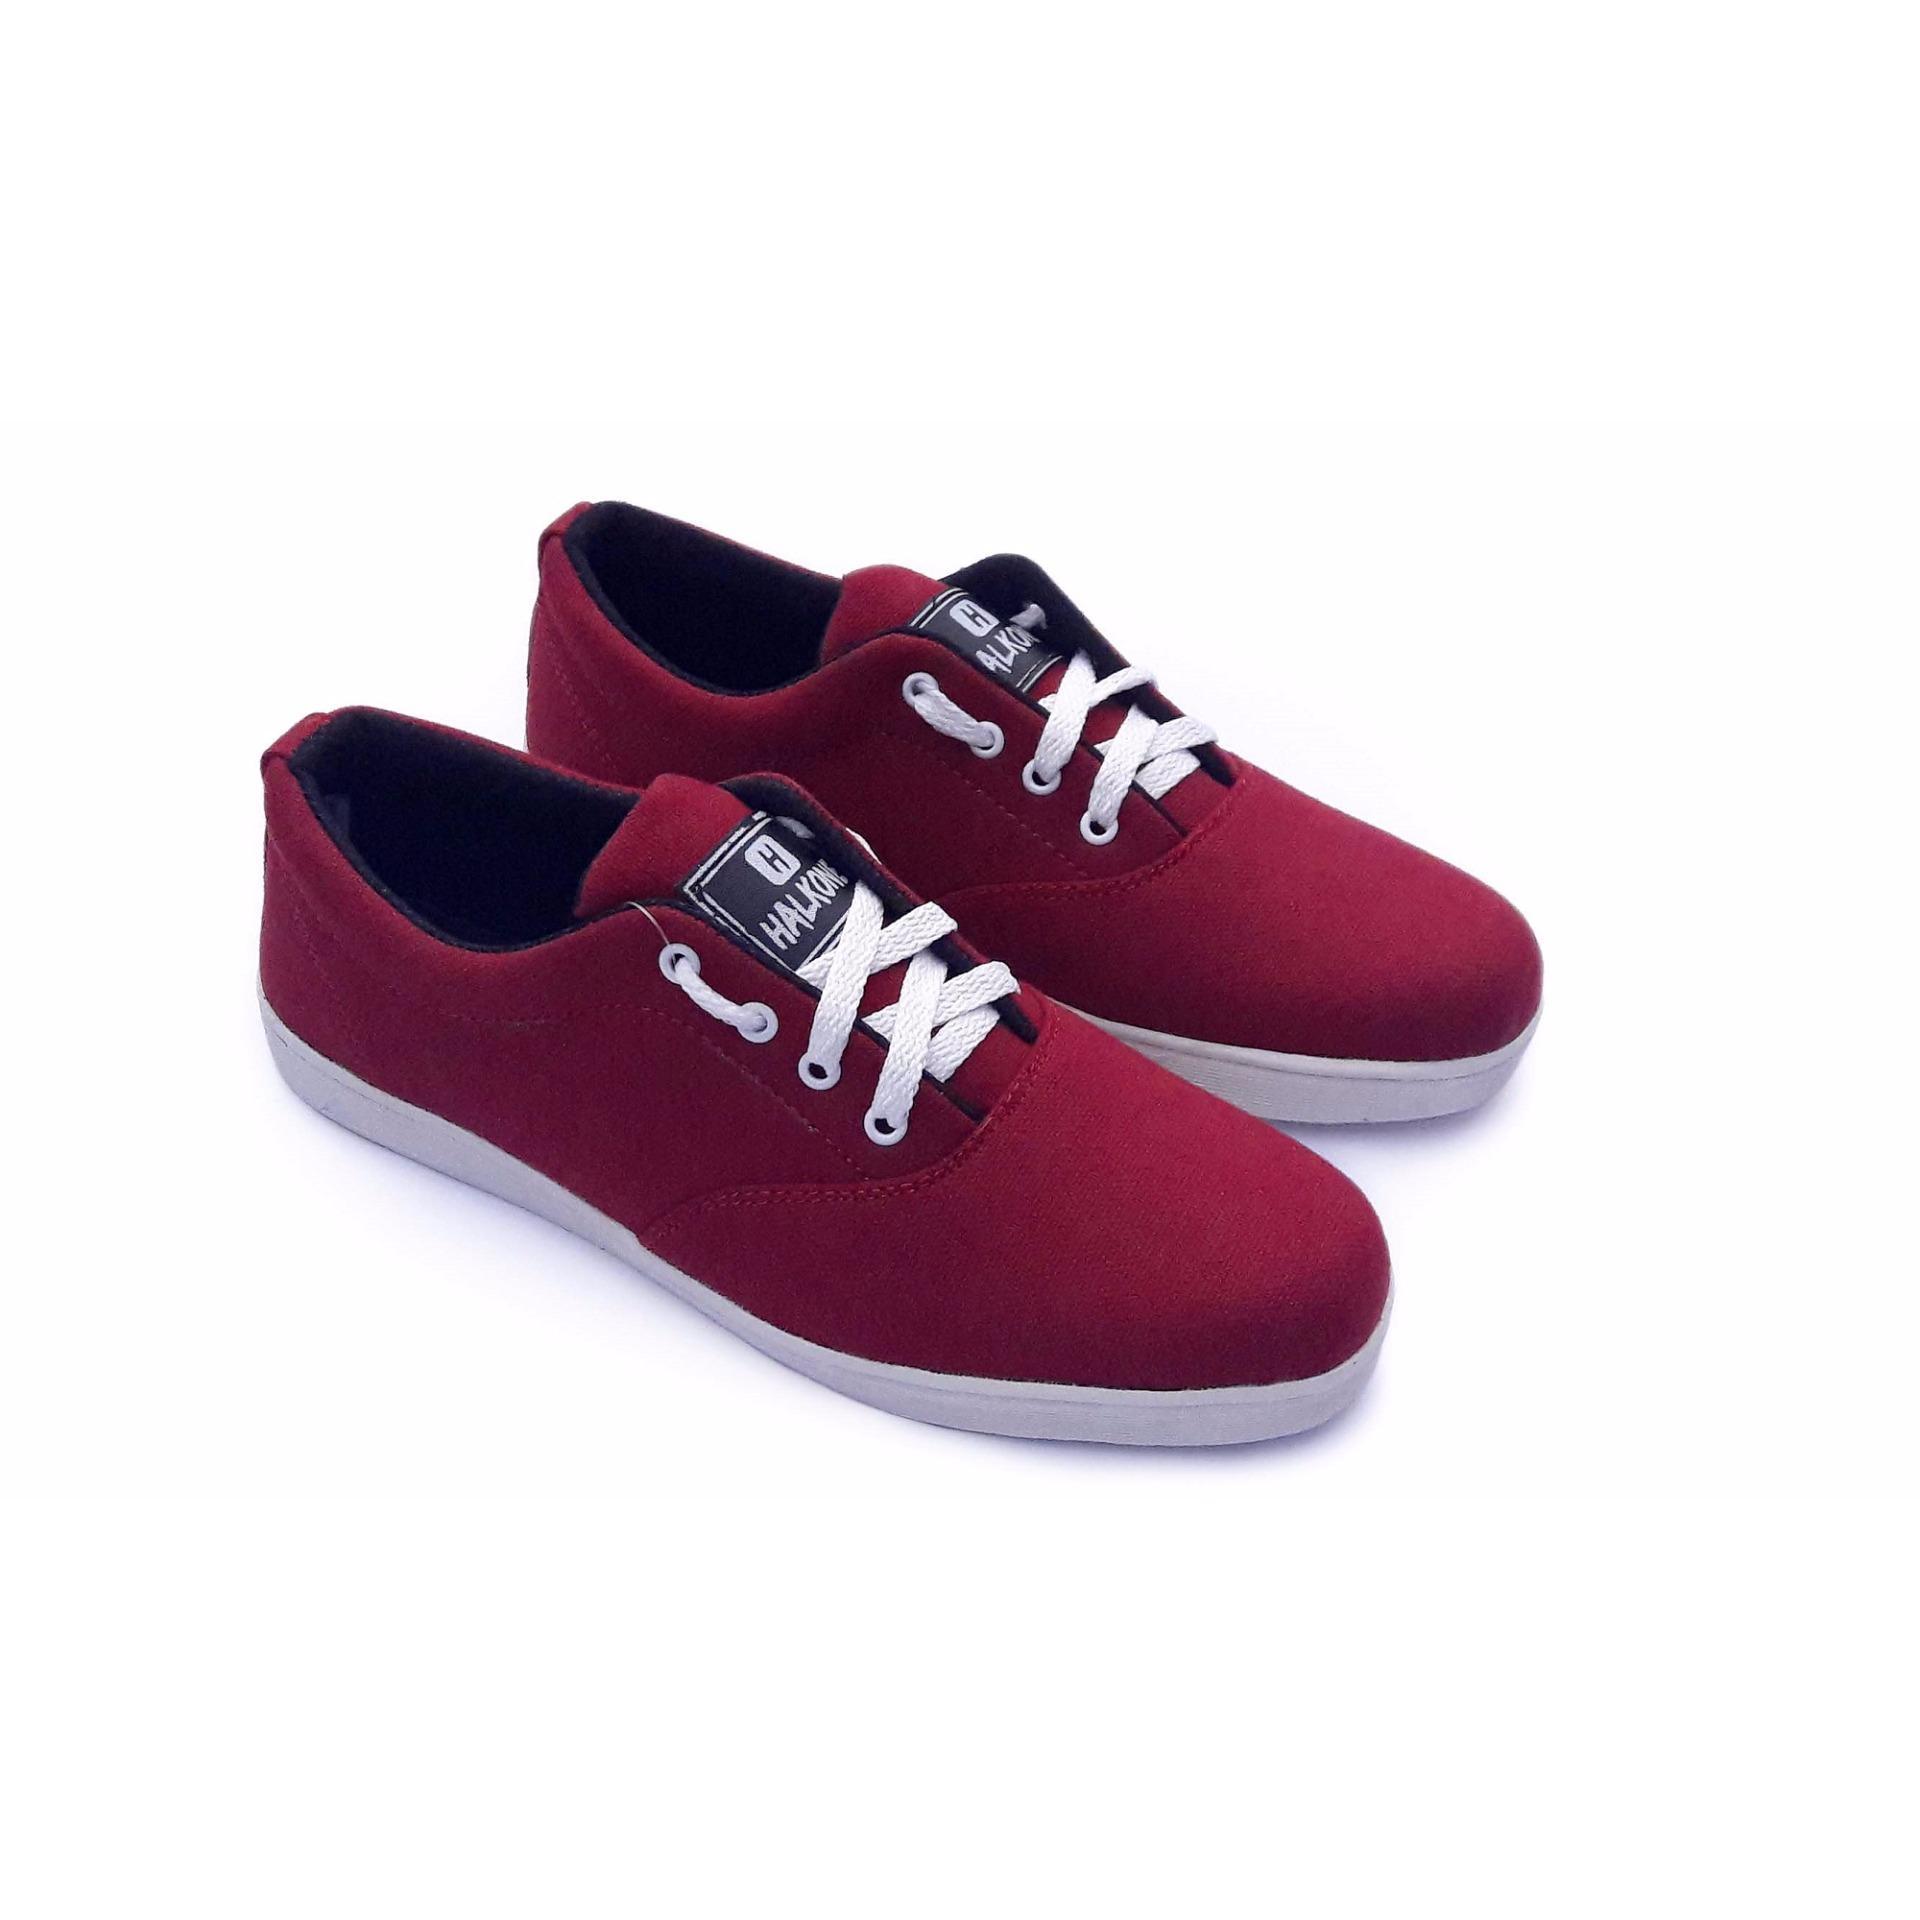 Halkoneku Halkone Ws Sneaker Pria Jawa Timur Diskon 50